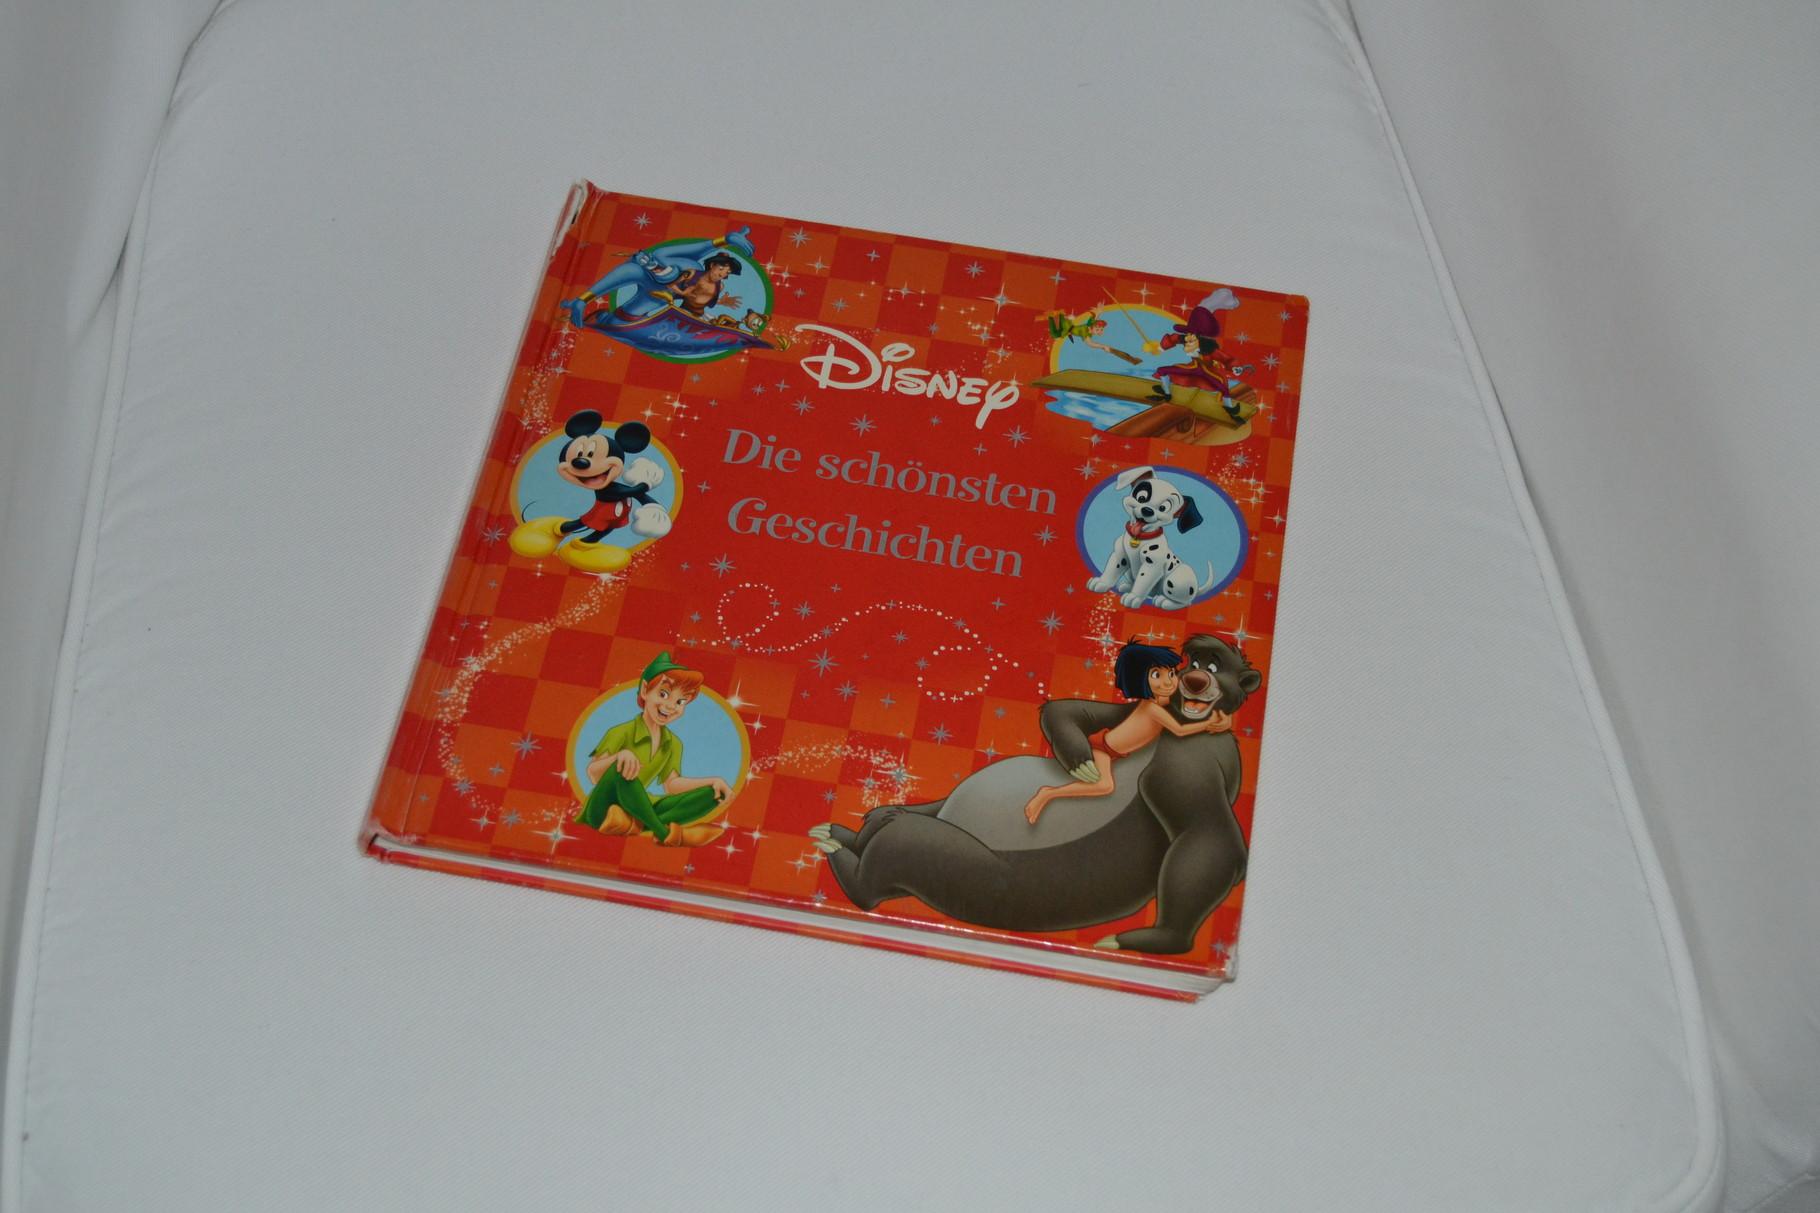 Buch Disney Die schönsten Geschichten - 1,50 €